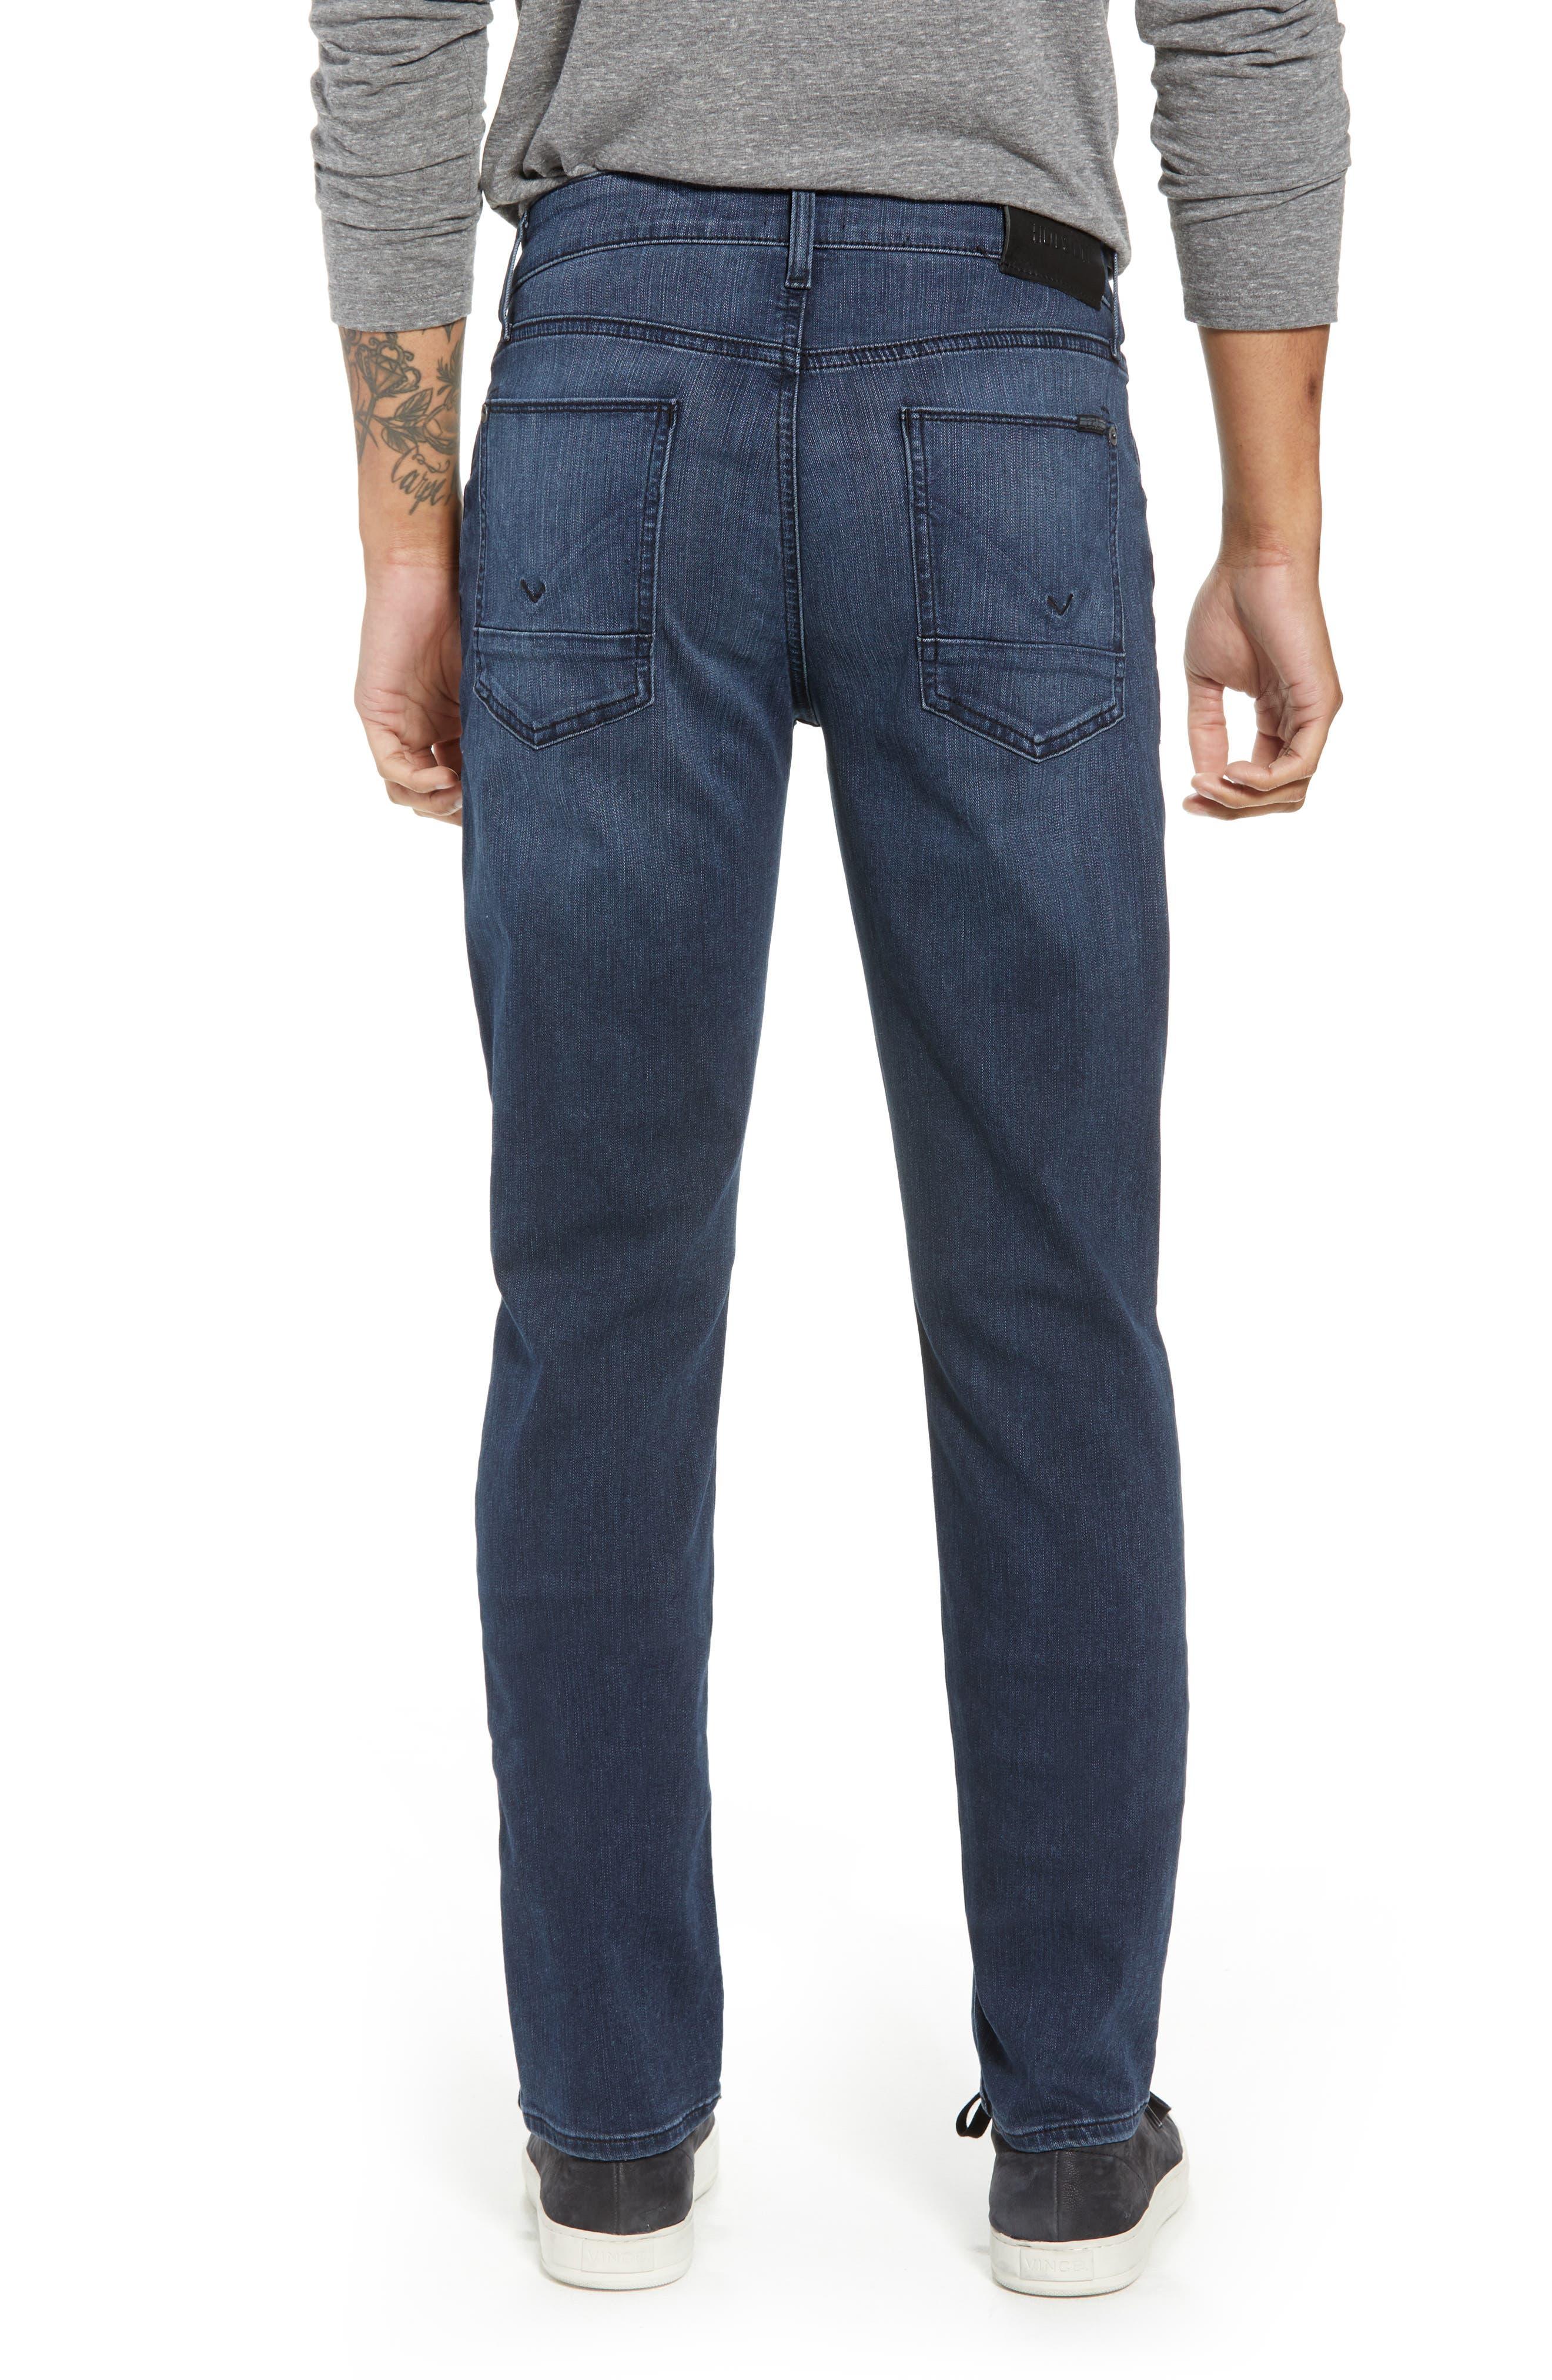 Blake Slim Fit Jeans,                             Alternate thumbnail 2, color,                             Loma